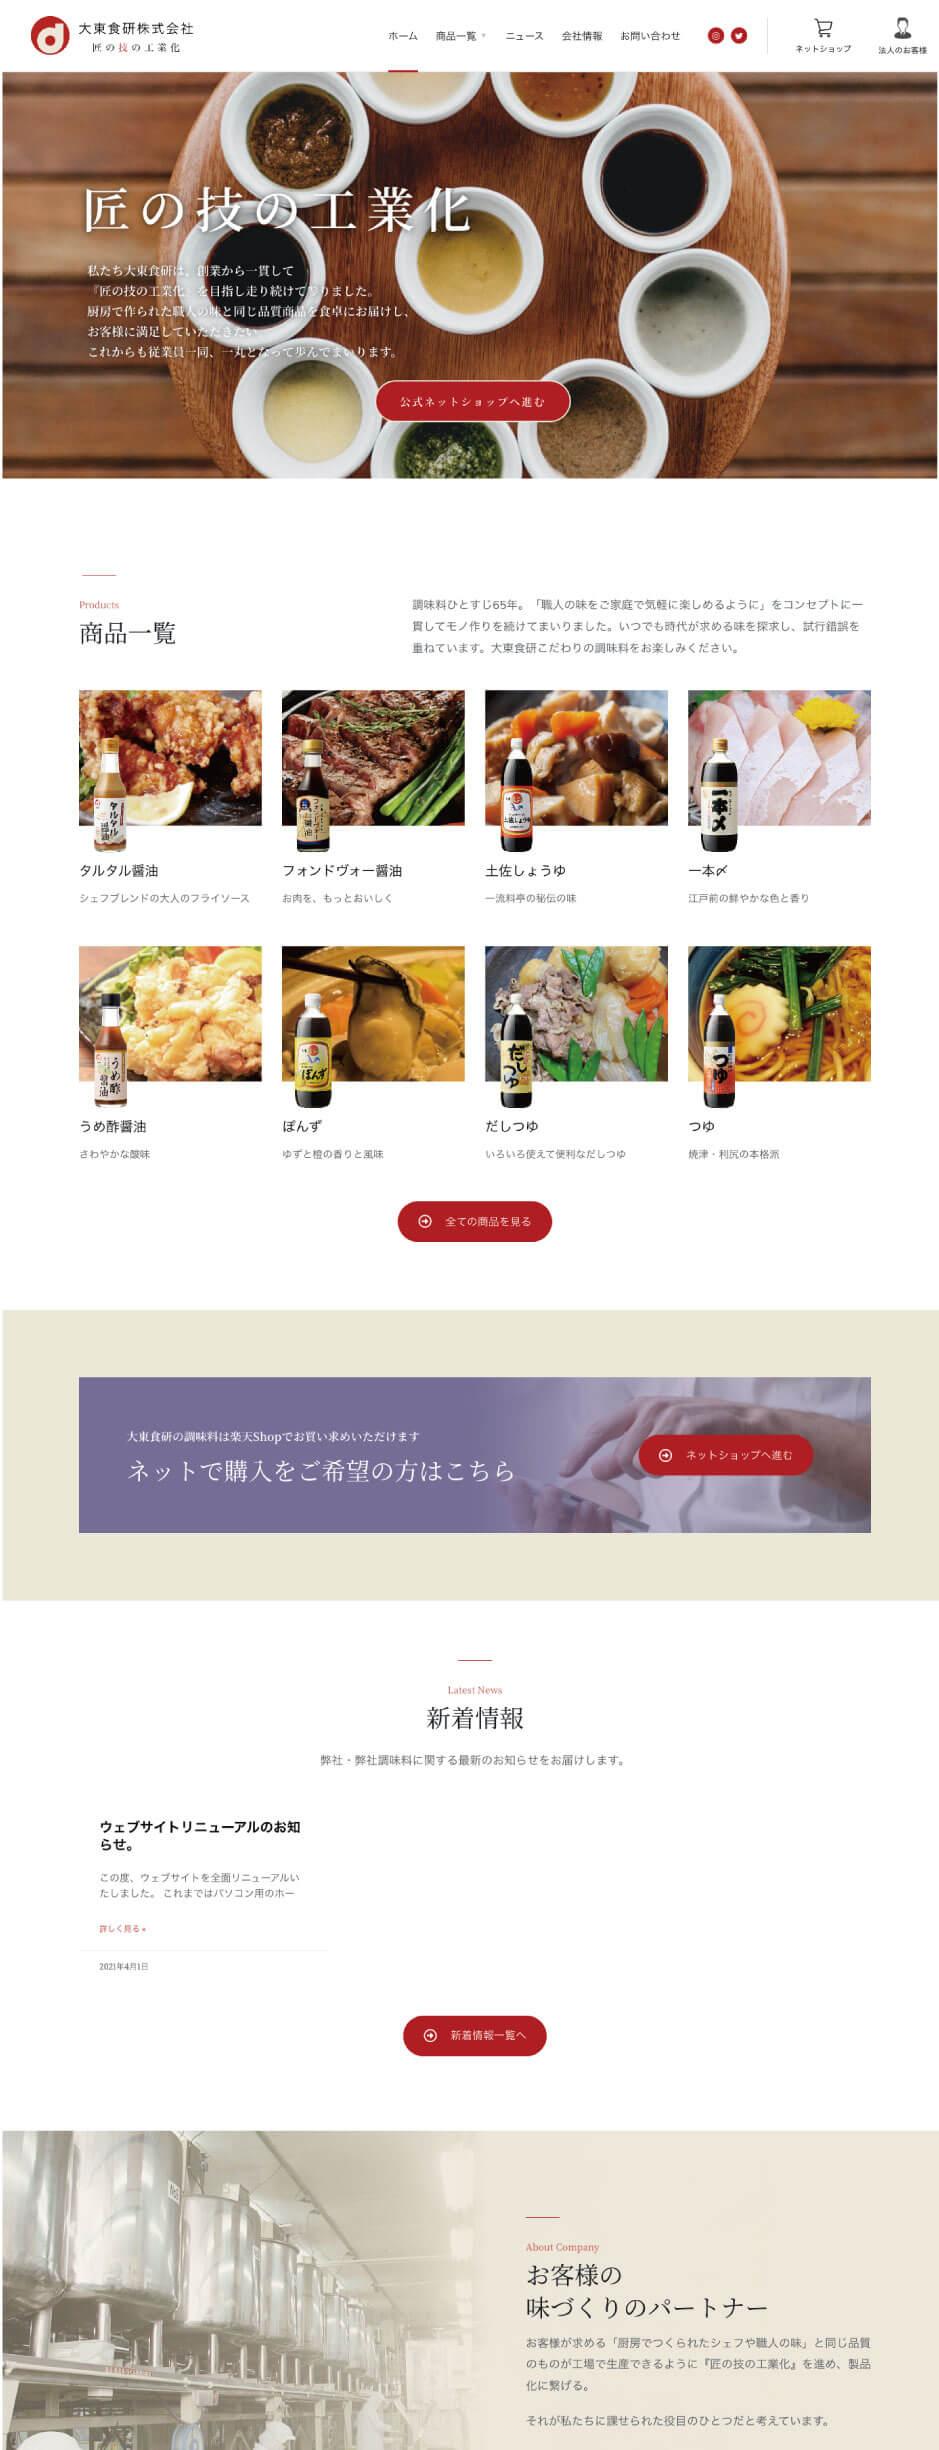 大東食研様ウェブサイト、PC版